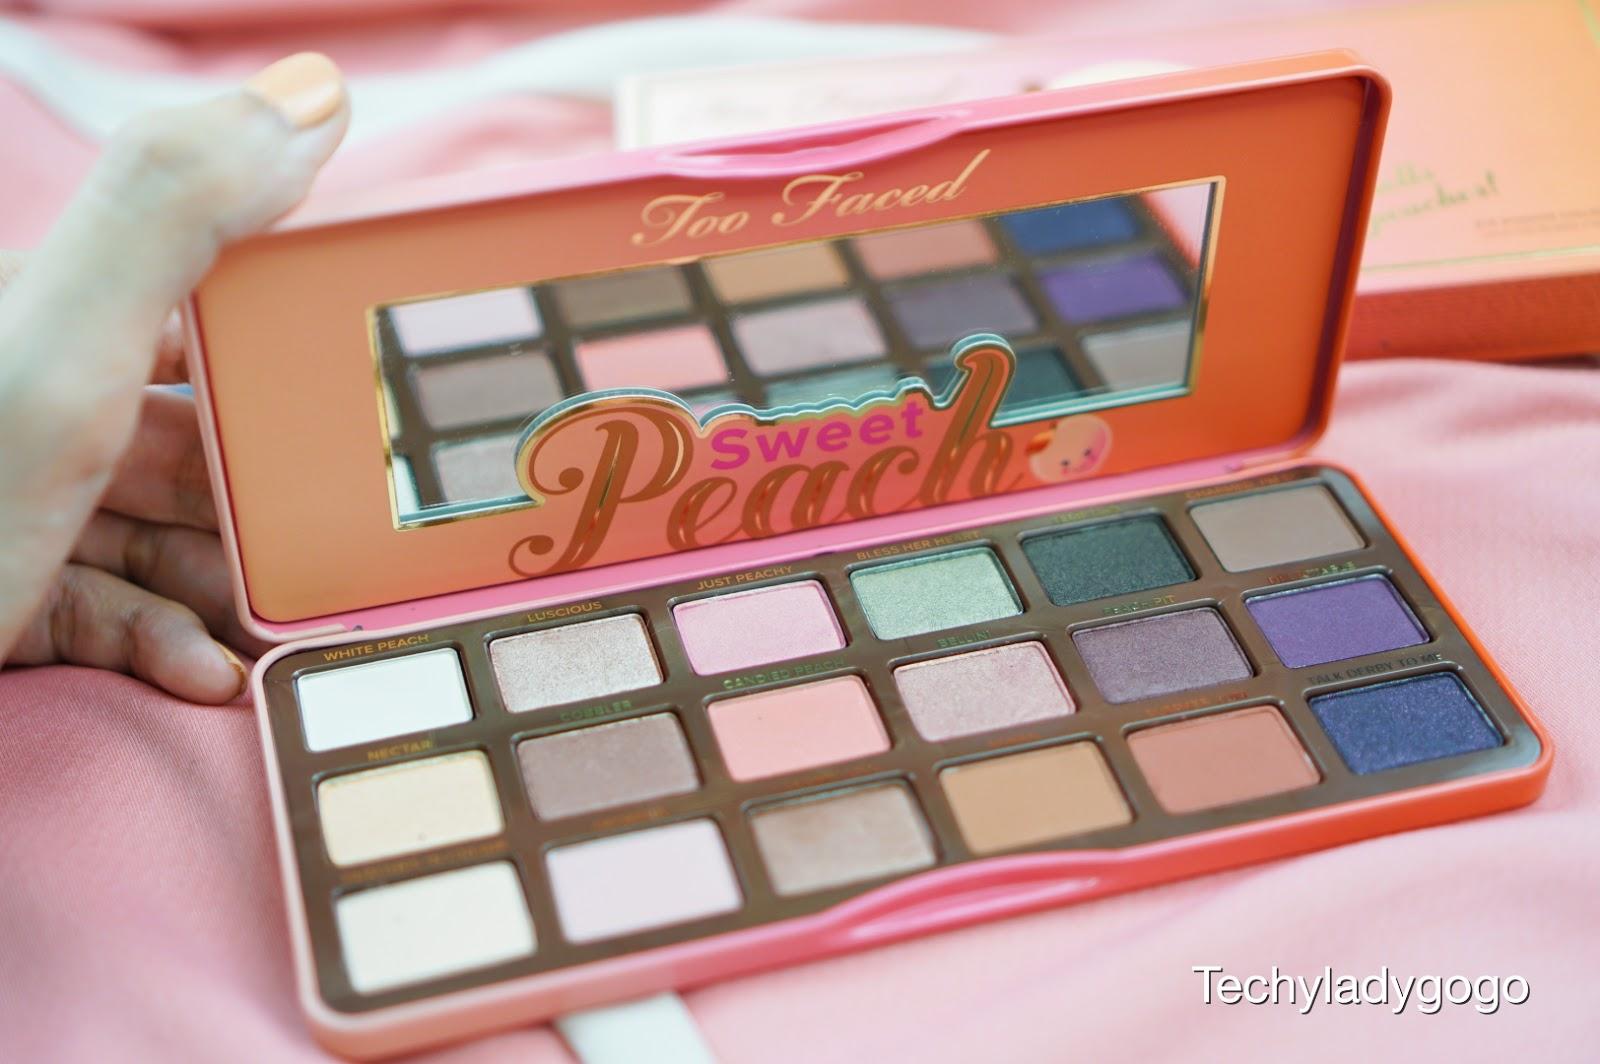 Too Faced Sweet Peach Eyeshadow Palette รีวิวพาเลทอายแชโดว์ สีพีชกลิ่นหอมหวาน